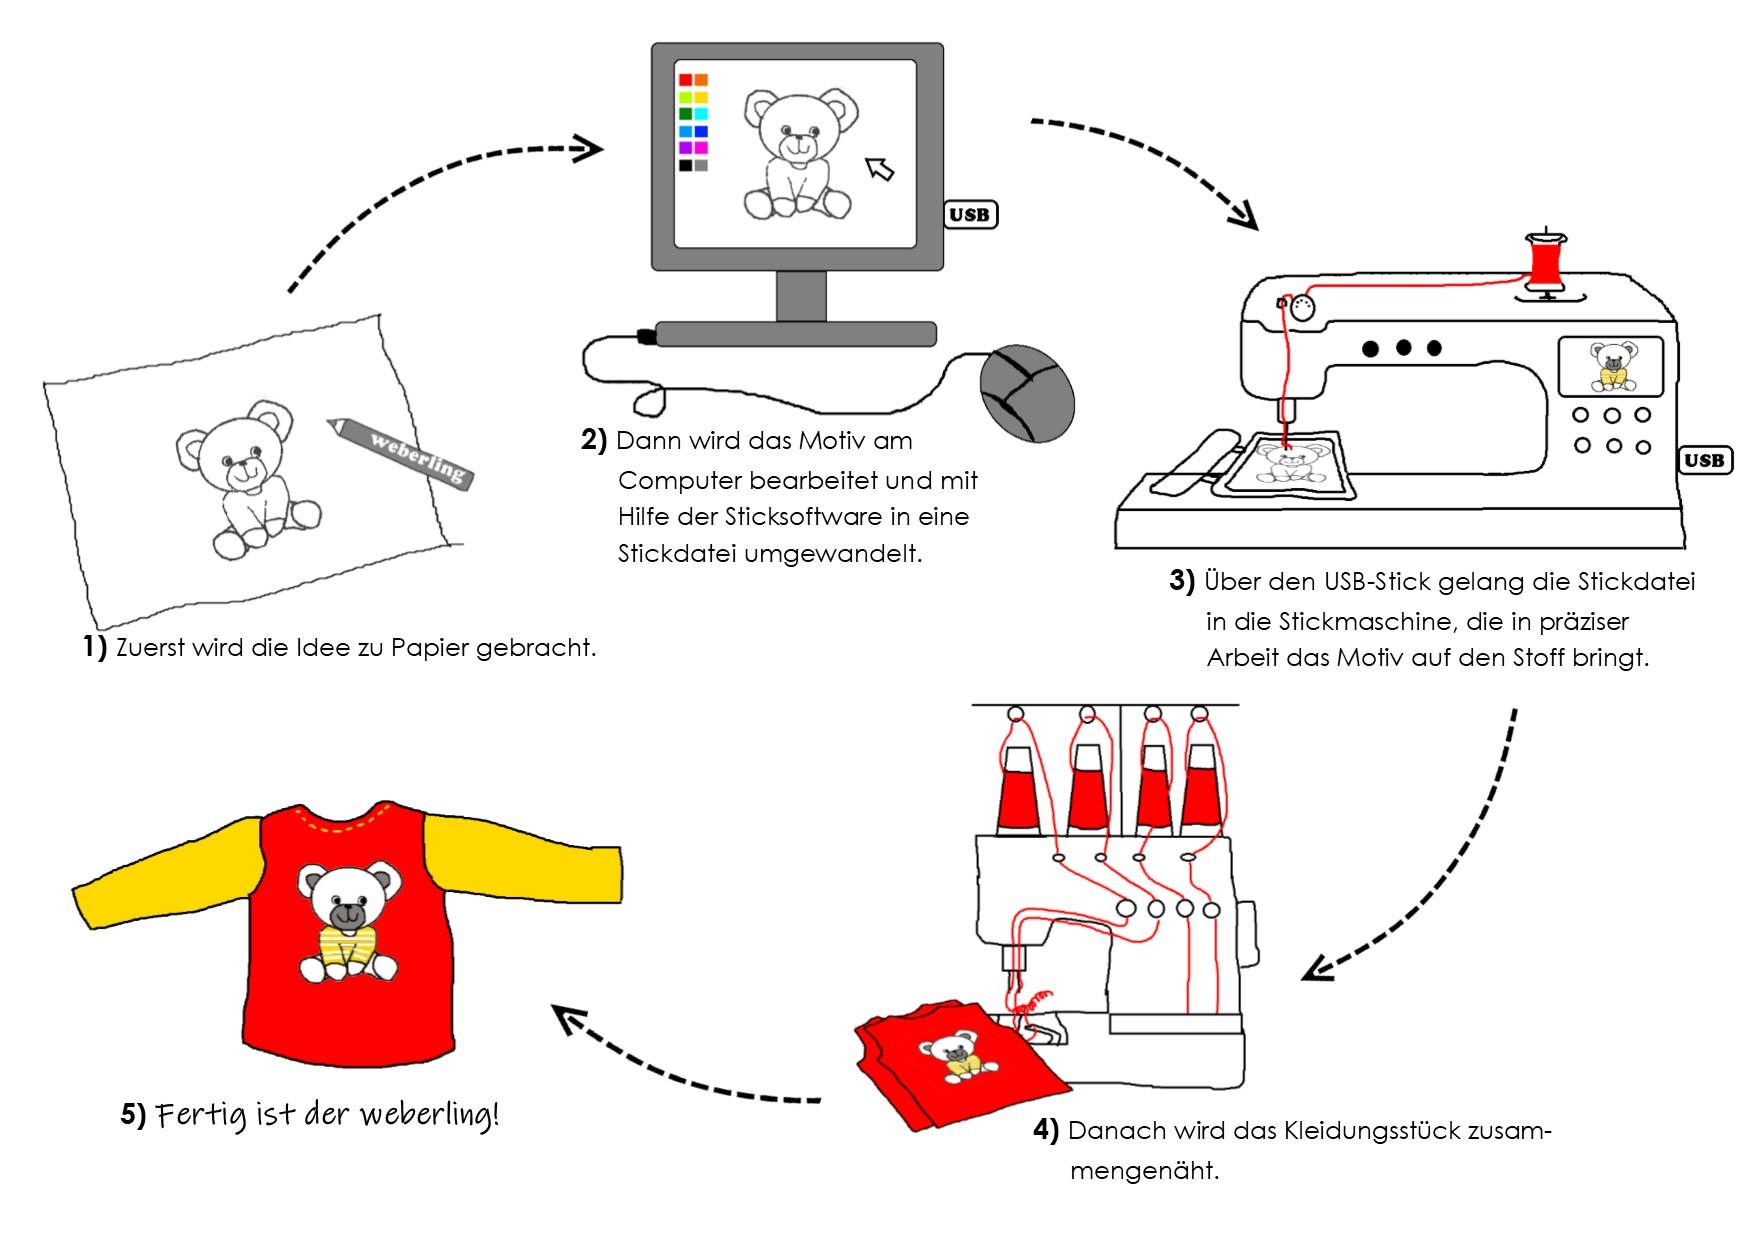 wie eine Stickerei entsteht